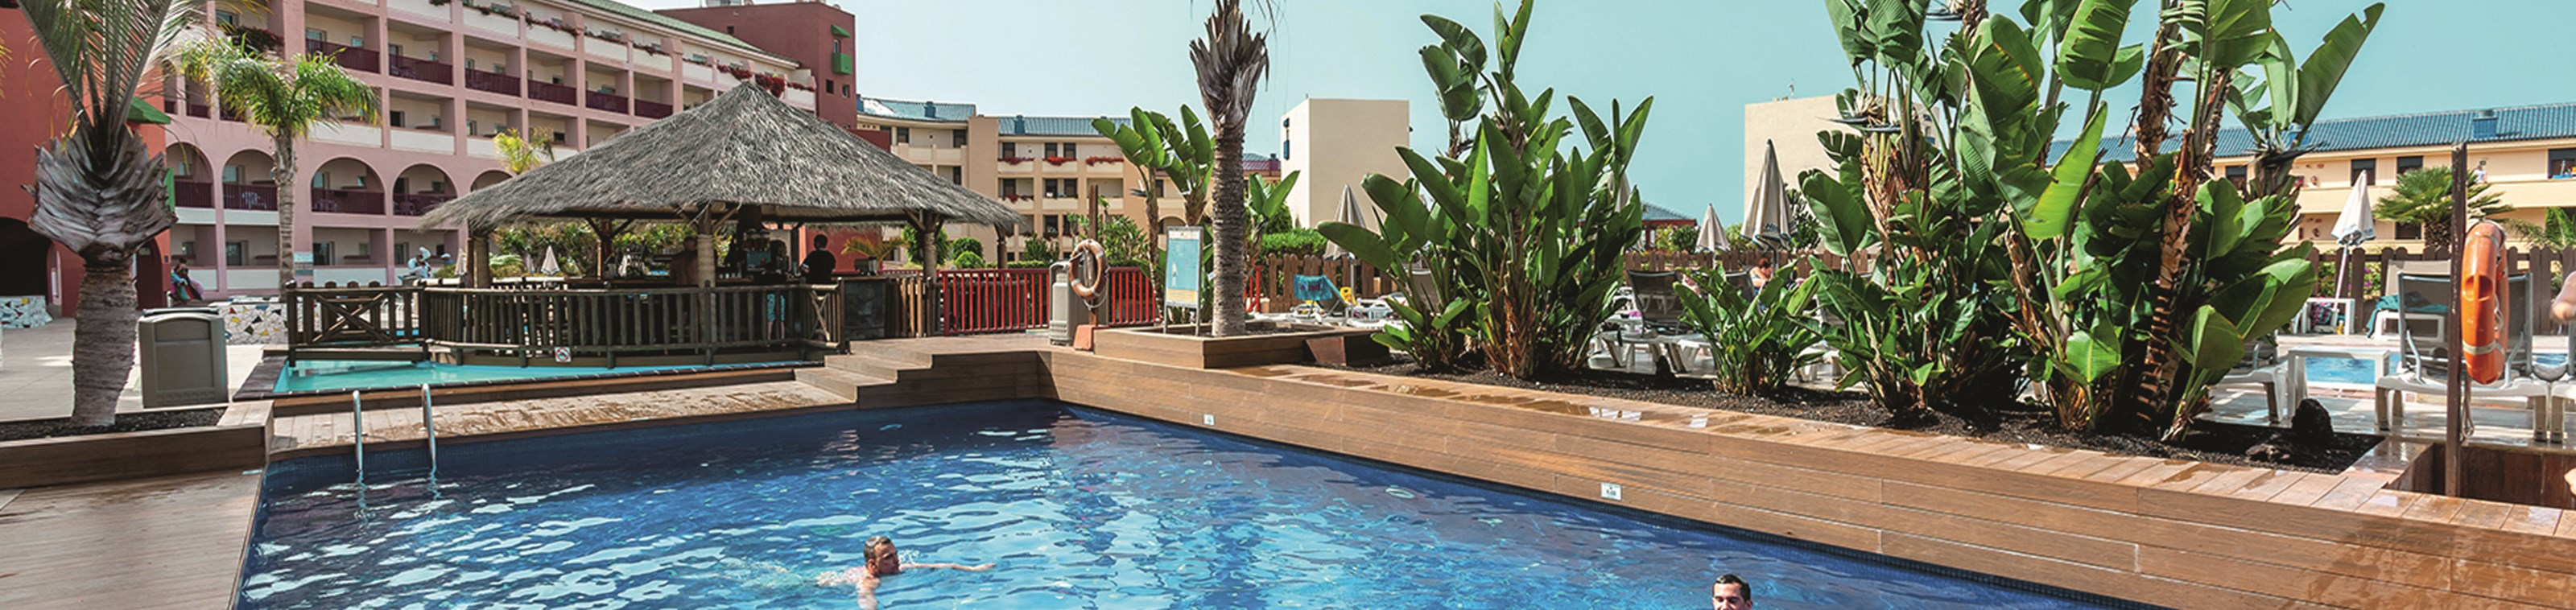 Mediterrane oase op Tenerife: Best Jacaranda